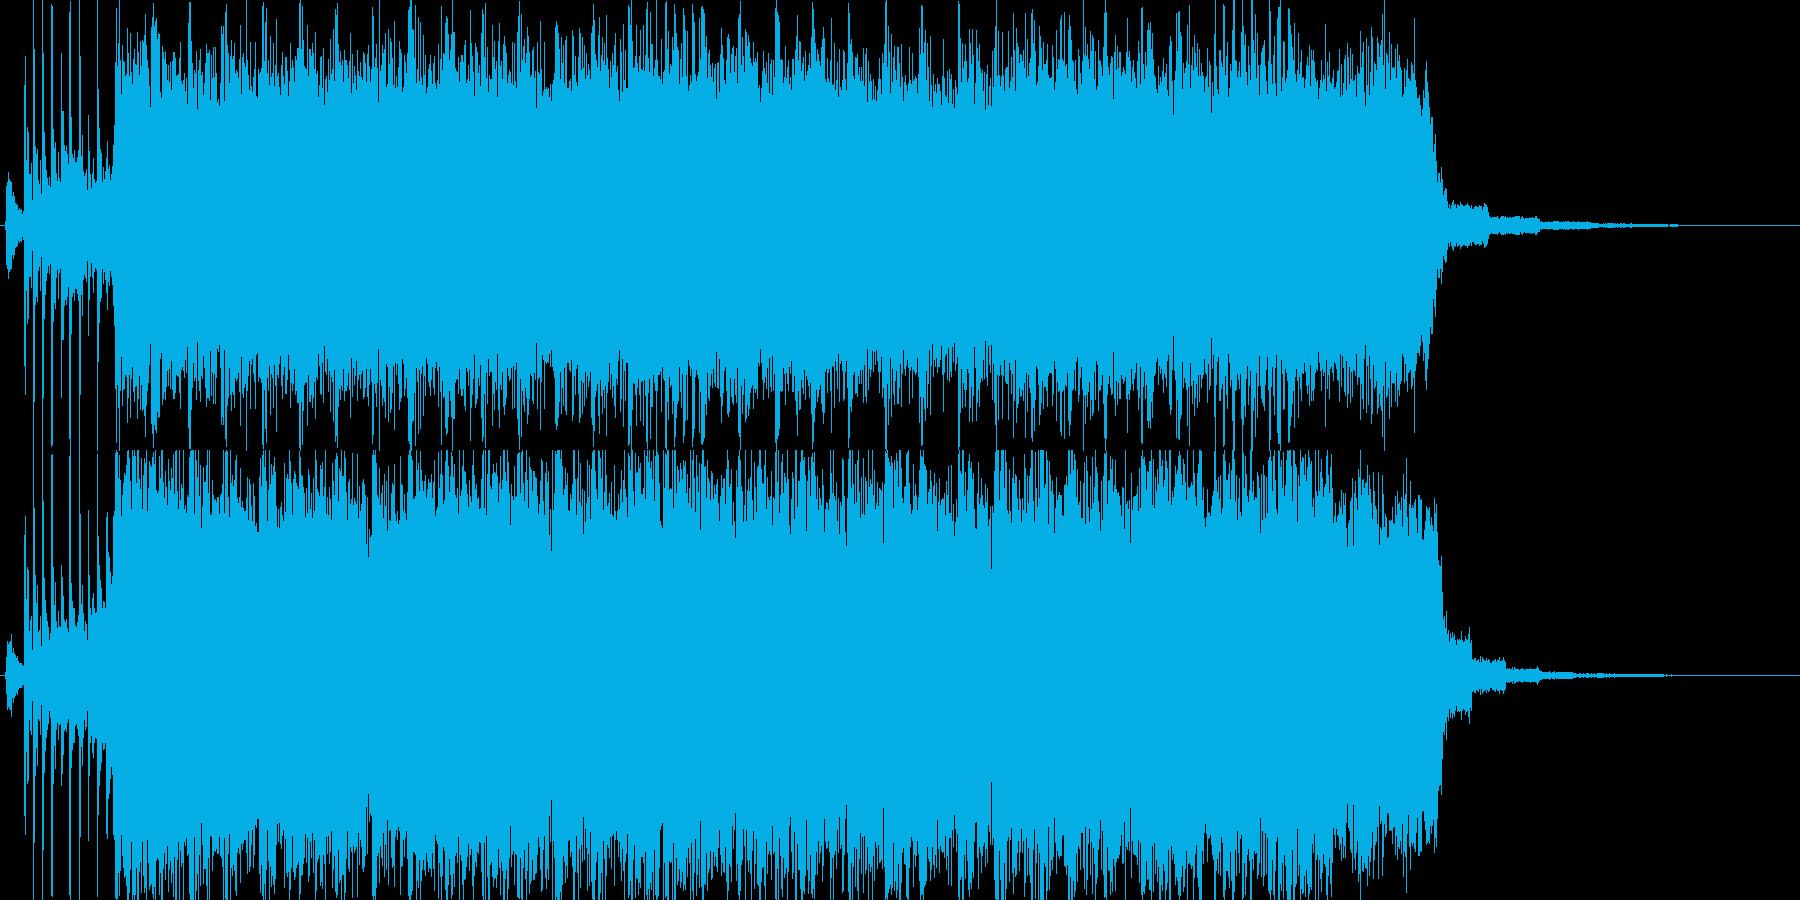 【ジングル】哀愁漂うギターロックの再生済みの波形